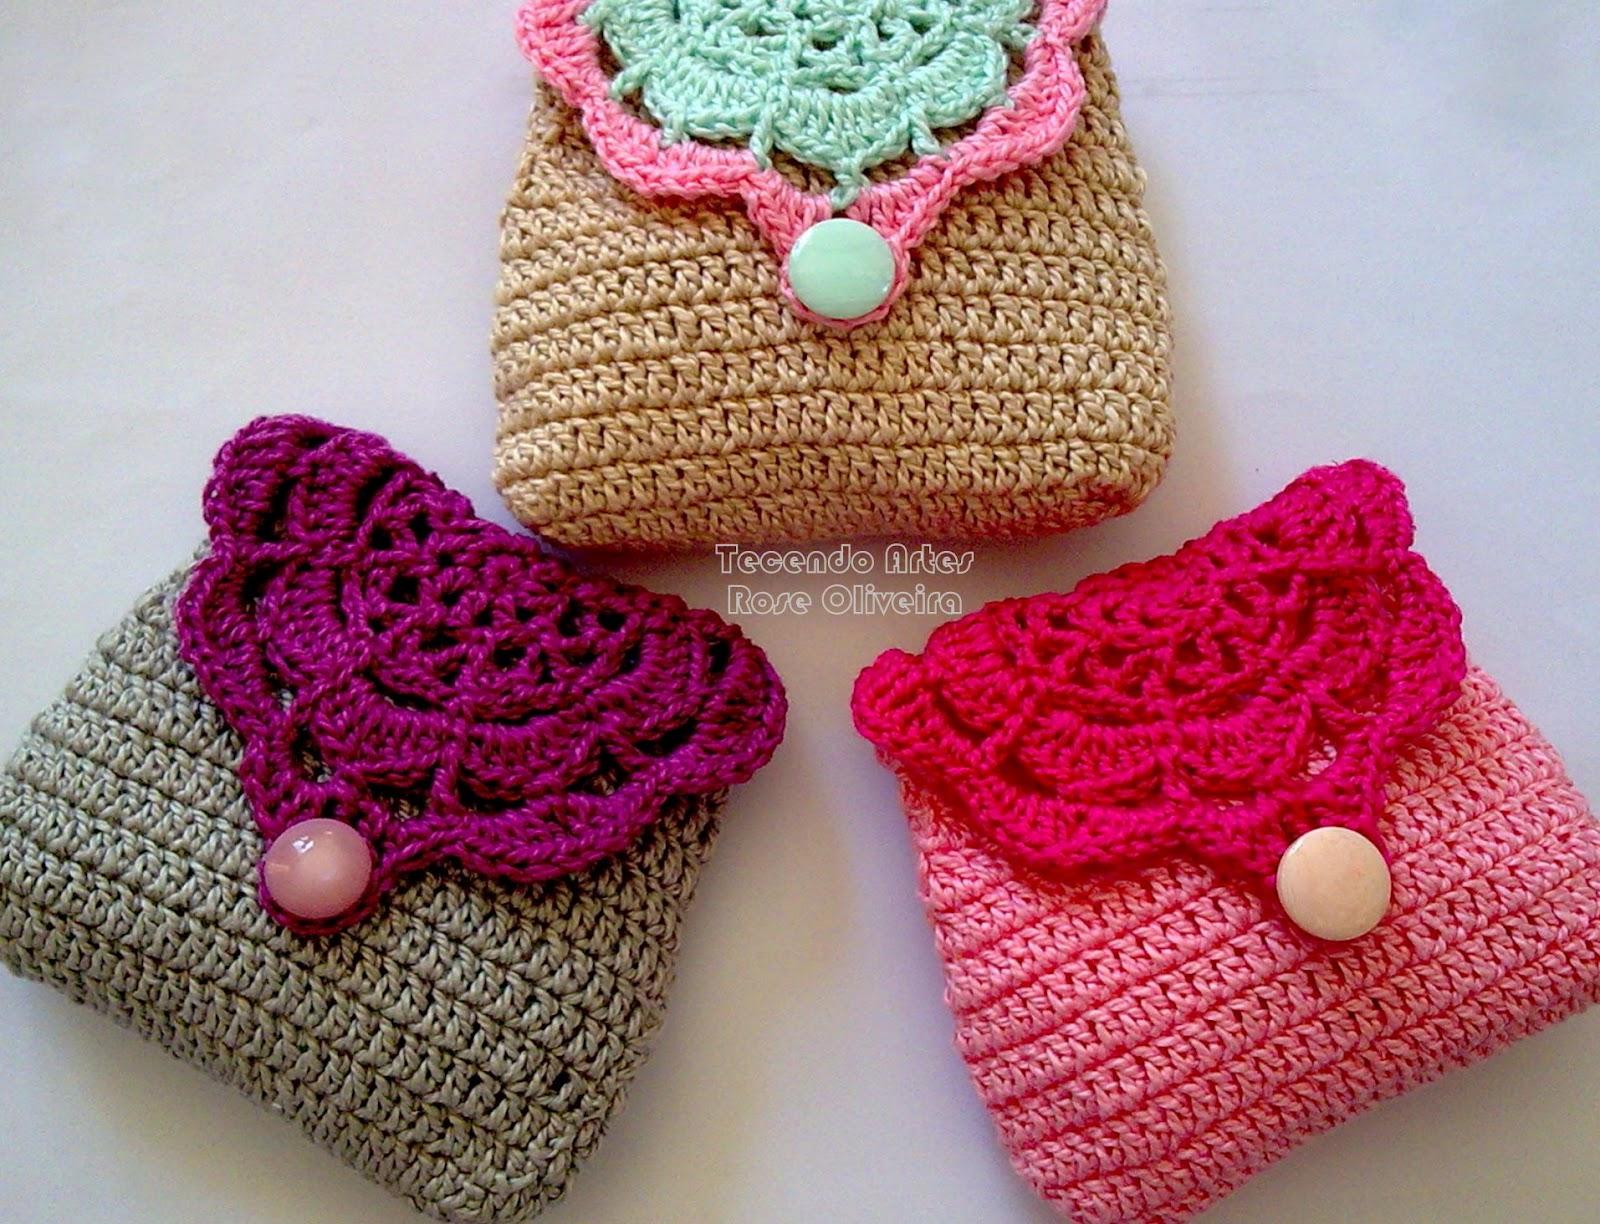 Free Crochet Patterns Small Purse : Tecendo Artes em Crochet: Porta Moedas RetrO Coloridas ...